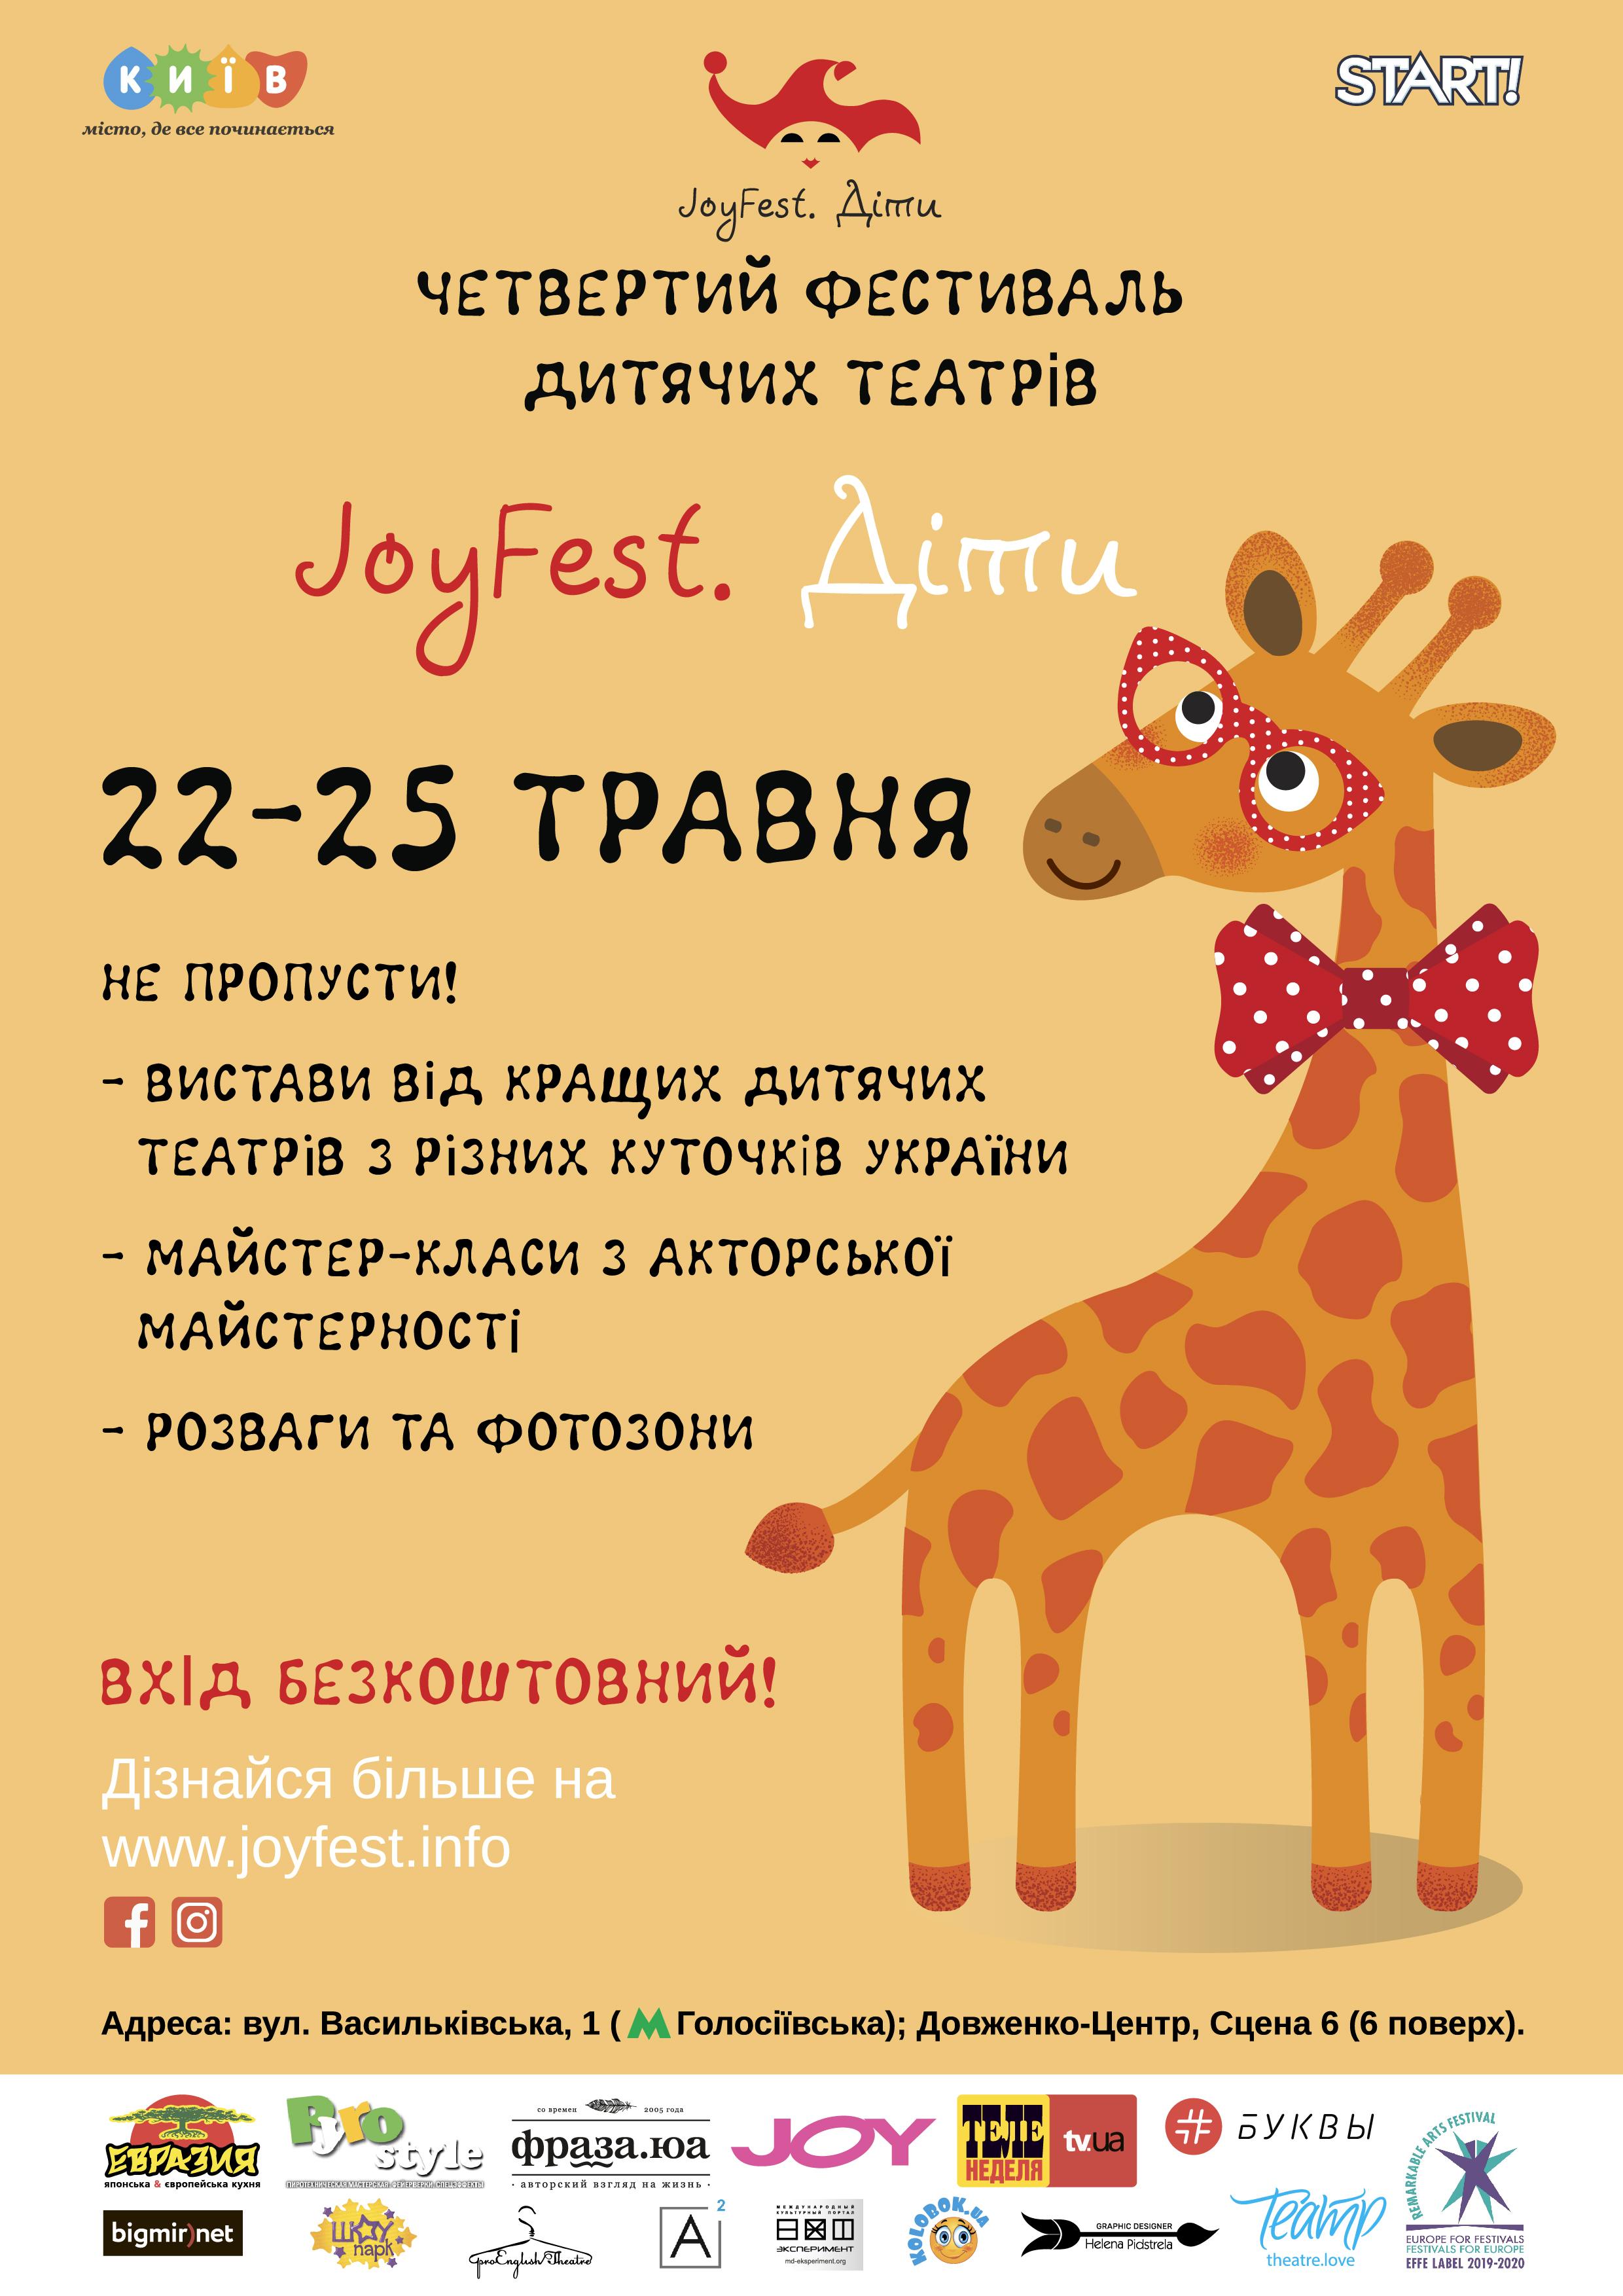 Киеве пройдет фестиваль детских театров JoyFest.Дети